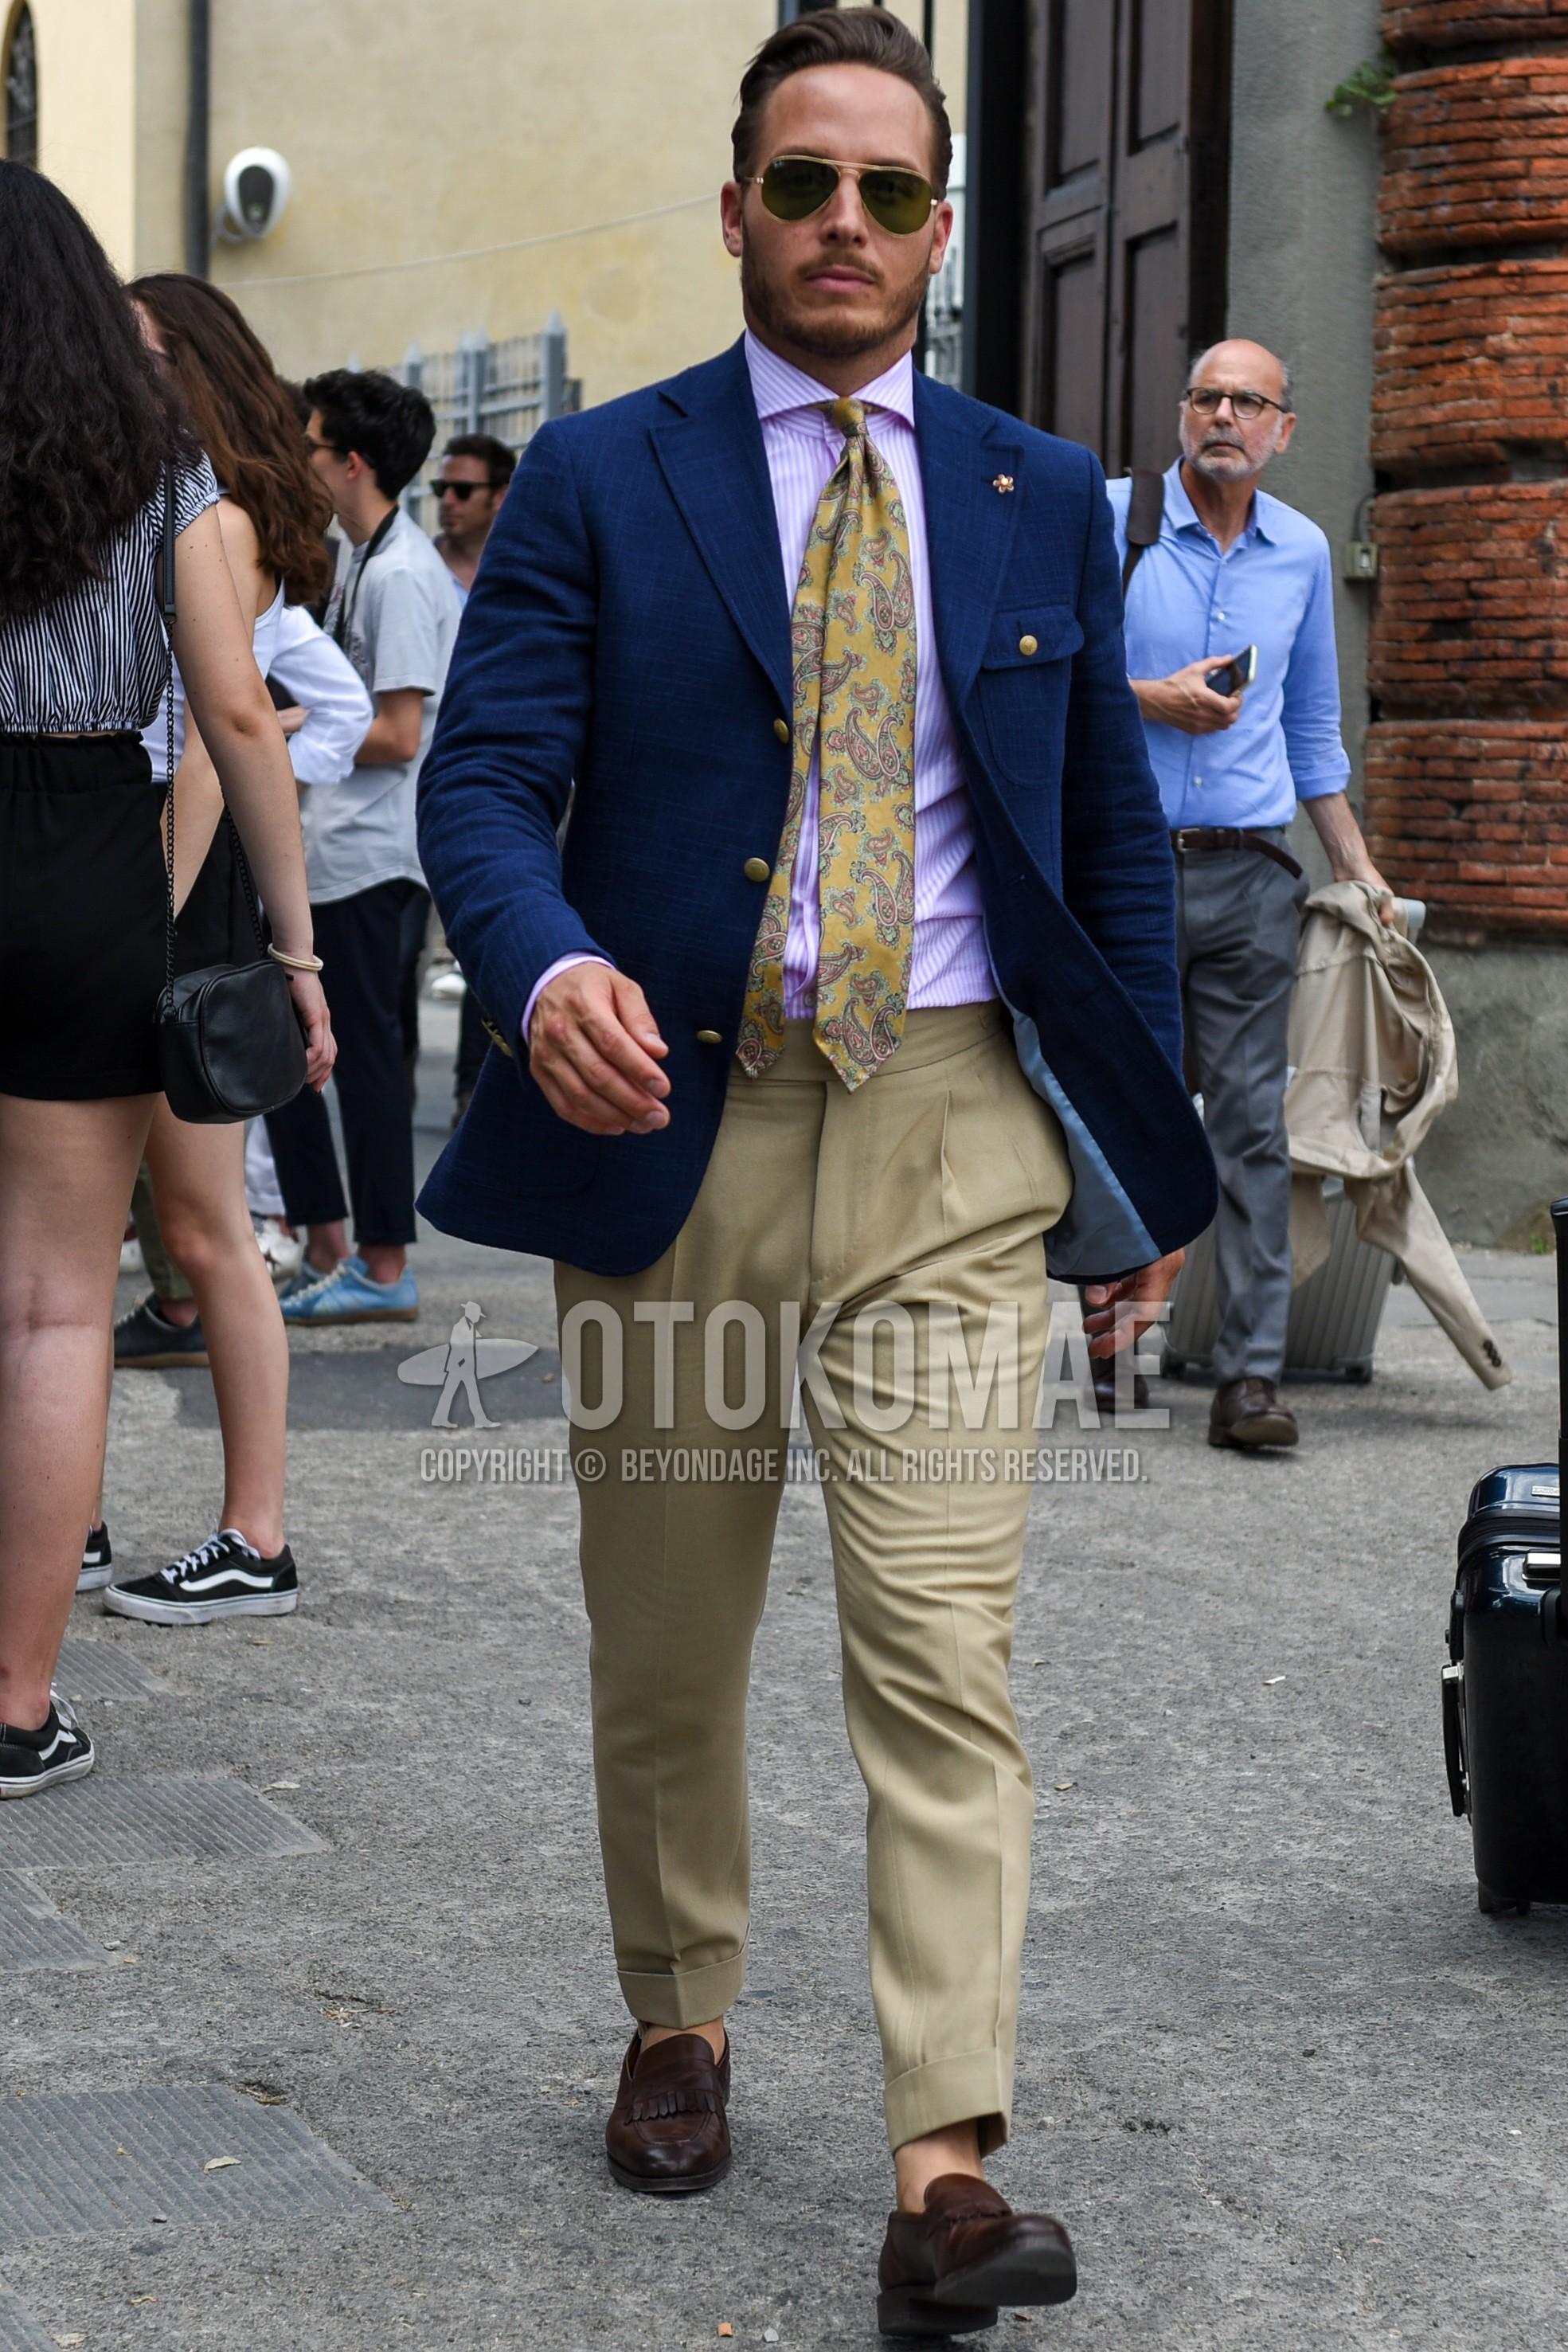 ゴールド・黒無地のサングラス、ネイビー無地のテーラードジャケット、ピンク無地のシャツ、ベージュ無地のベルトレスパンツ、ブラウンコインローファーの革靴、ベージュペイズリーのネクタイを合わせた春夏秋のメンズコーデ・着こなし。